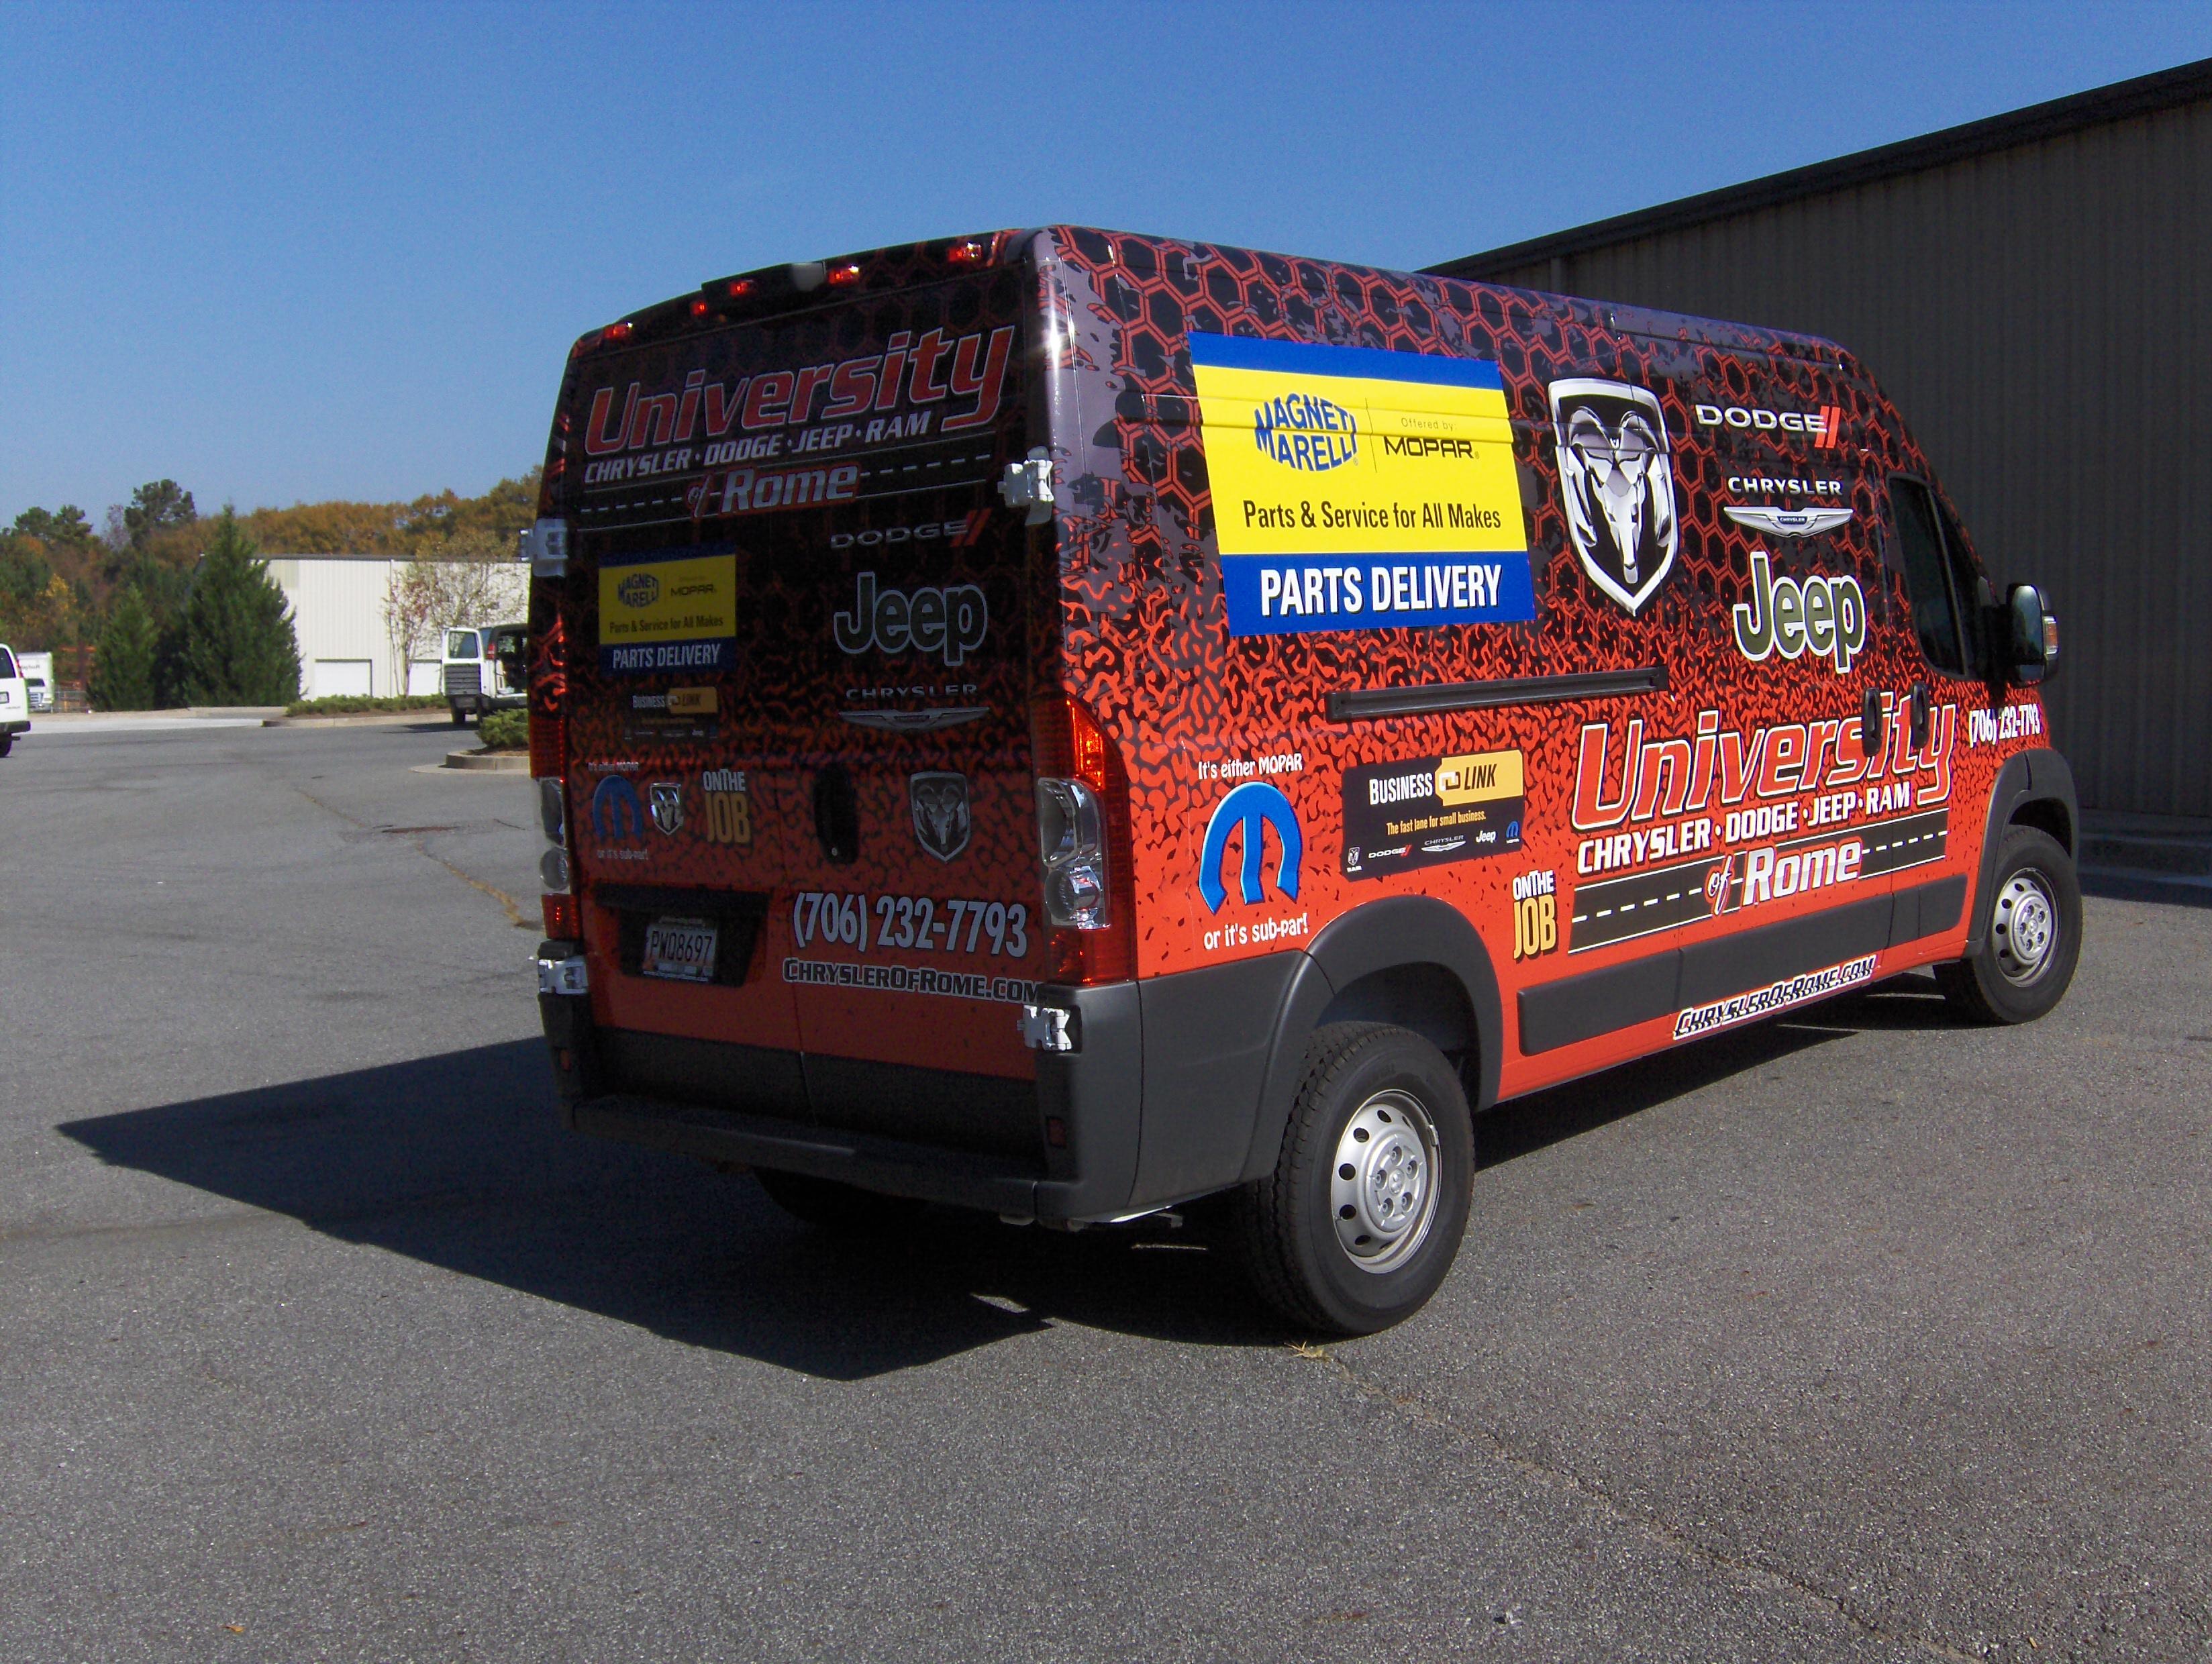 Custom Truck and Van Wraps in Rome, GA for University Chrysler Dodge Jeep Ram